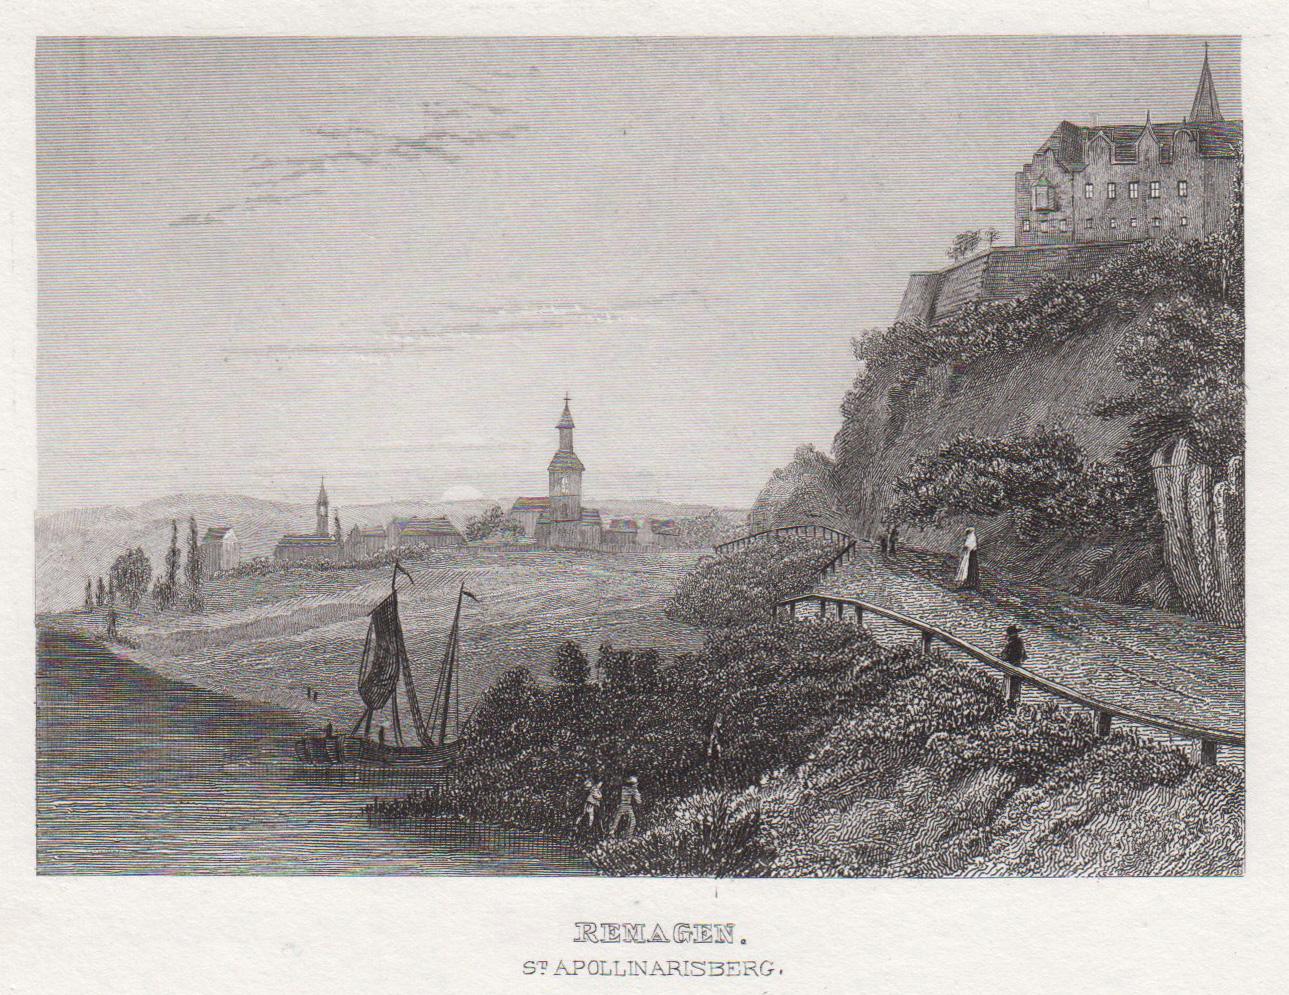 Gesamtans. v. Norden v. Rheinufer, rechts Apollinarisberg.: Remagen: